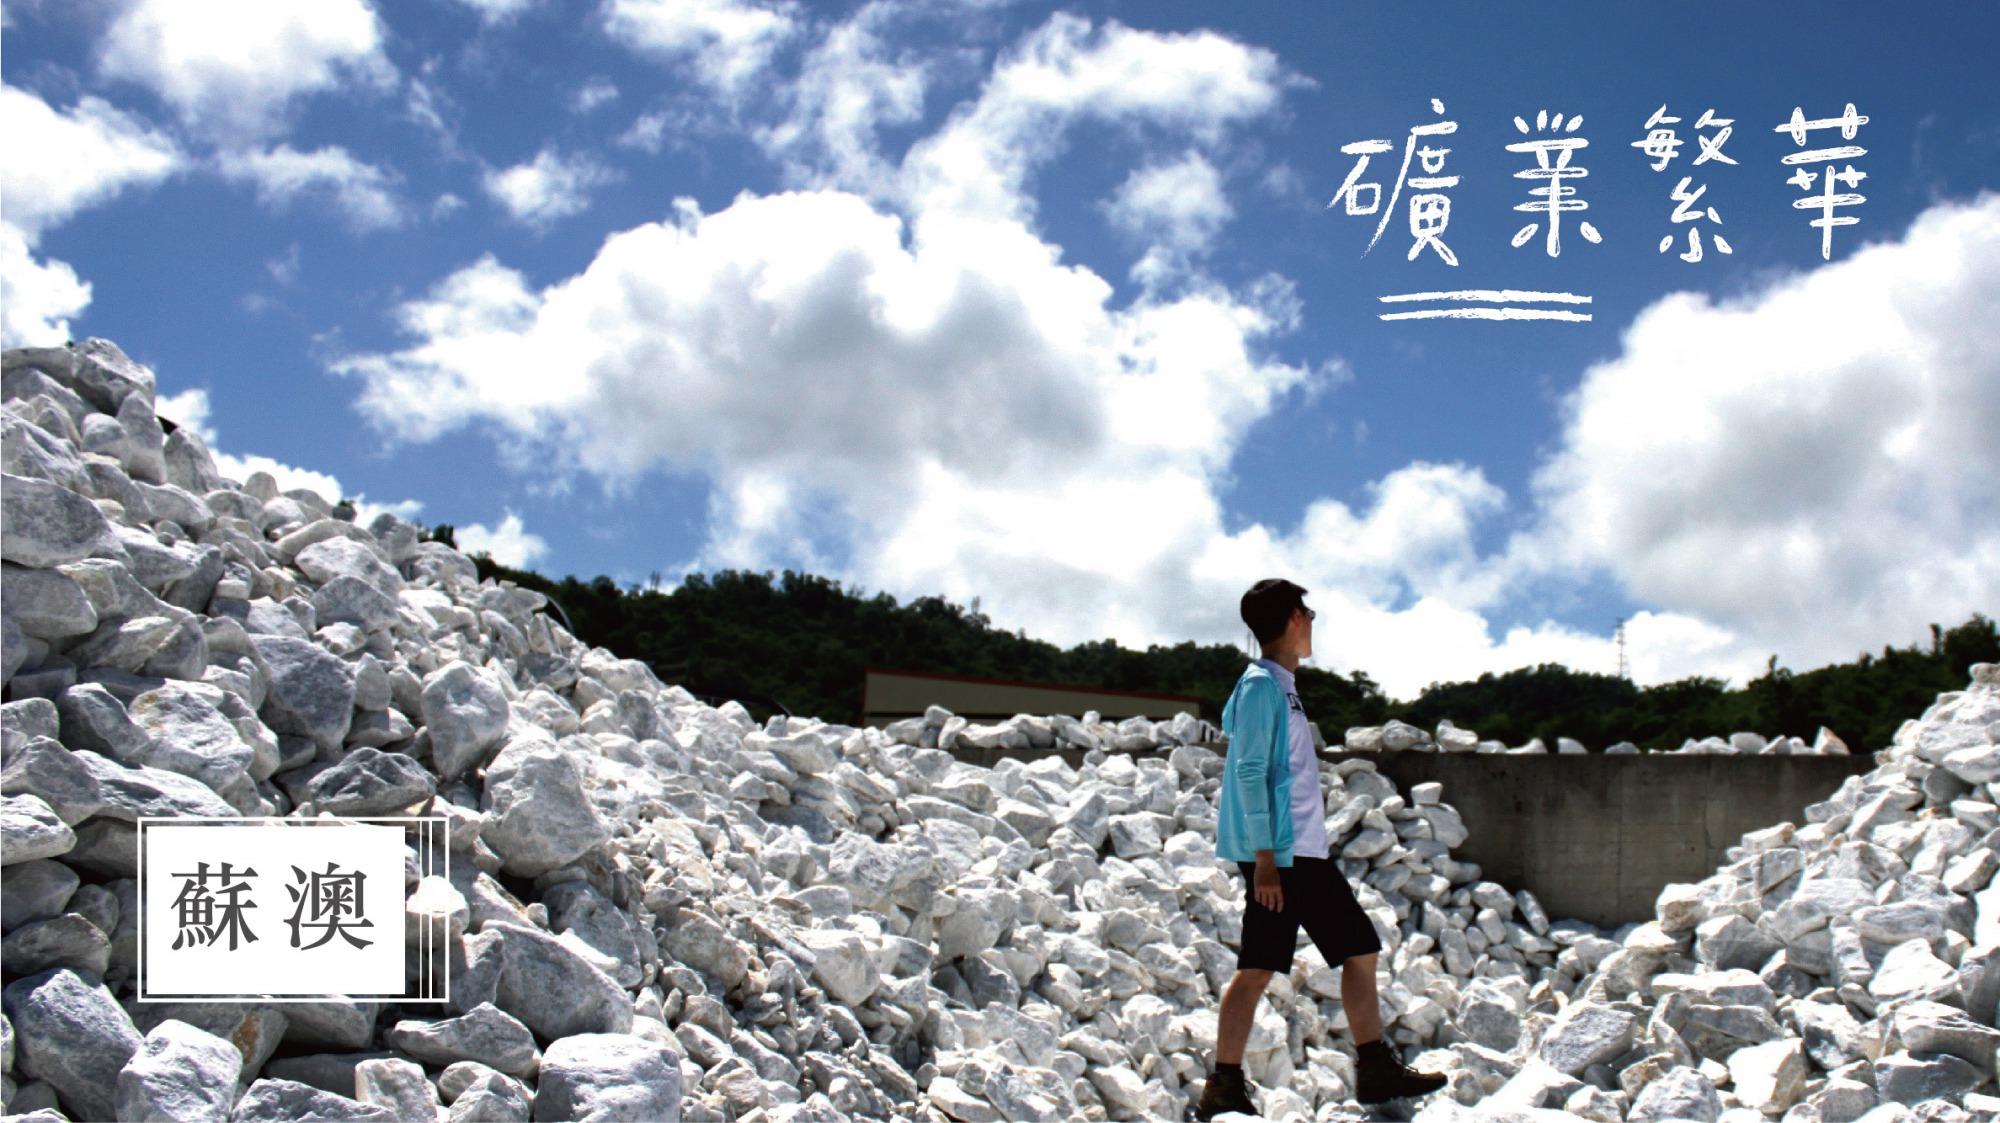 蘇澳礦業繁華 官網-01 (1).jpg